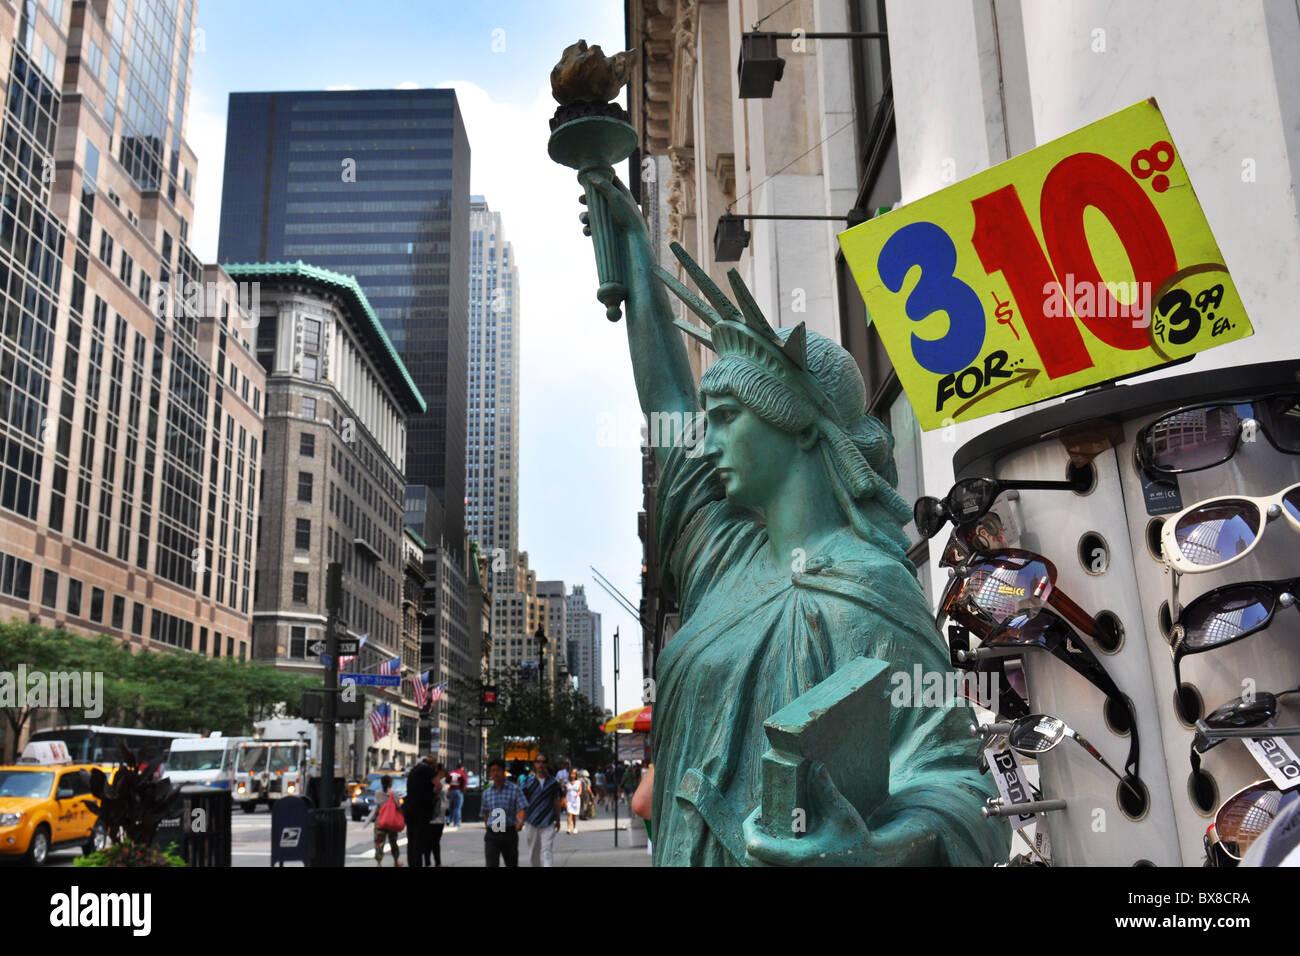 New York City günstige Sonnenbrillen zum Verkauf auf der Fifth Avenue. Stockbild